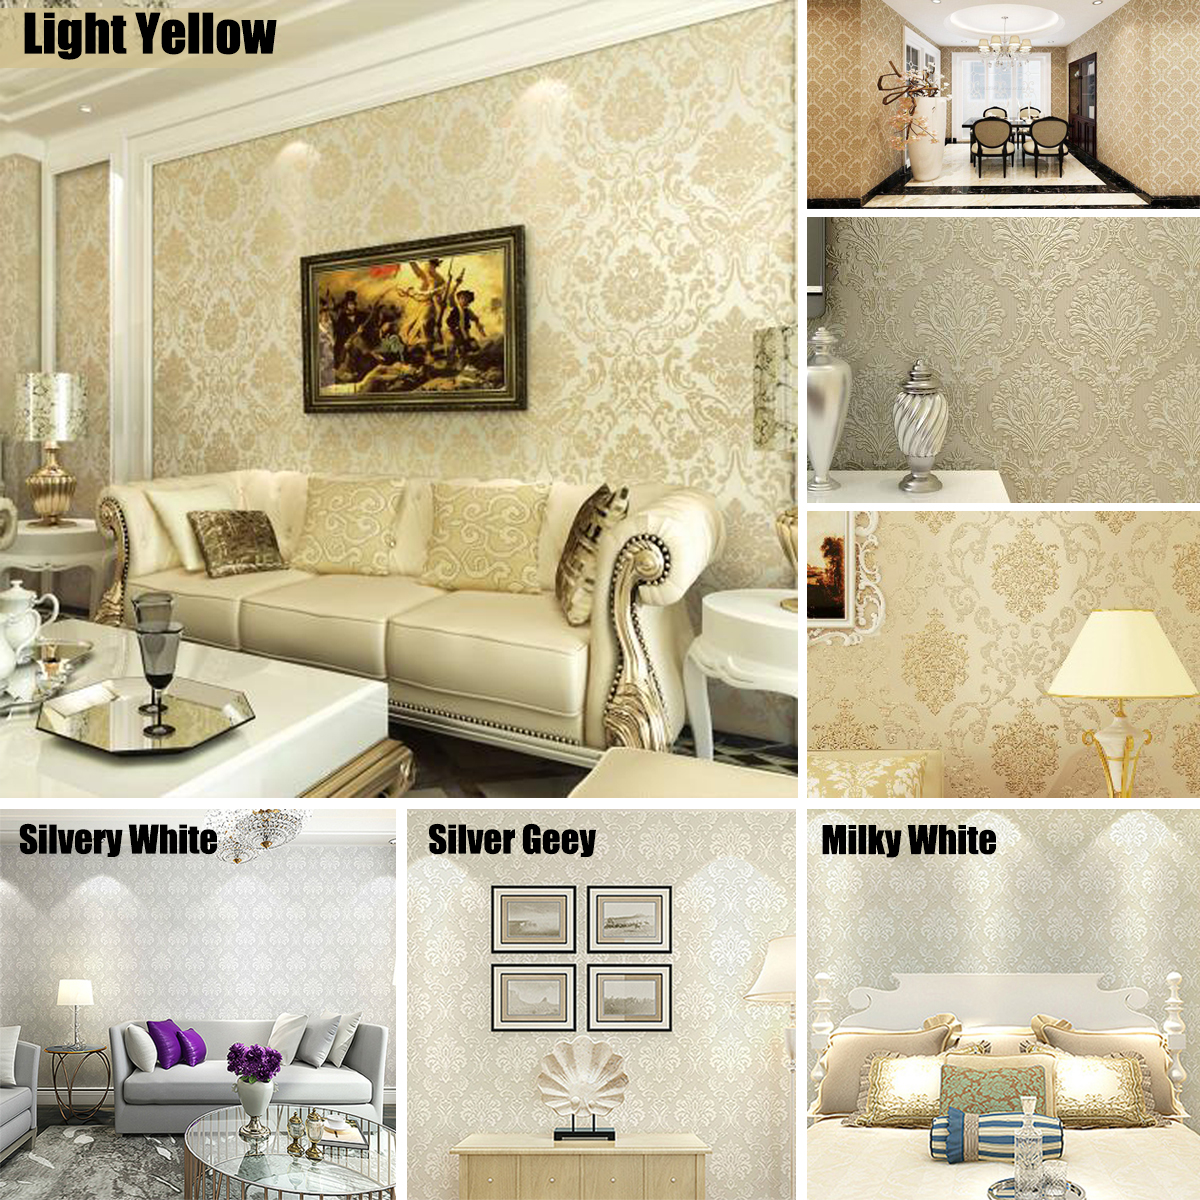 Home Improvement Non-Woven 3D Home Decor Wallpaper for ...